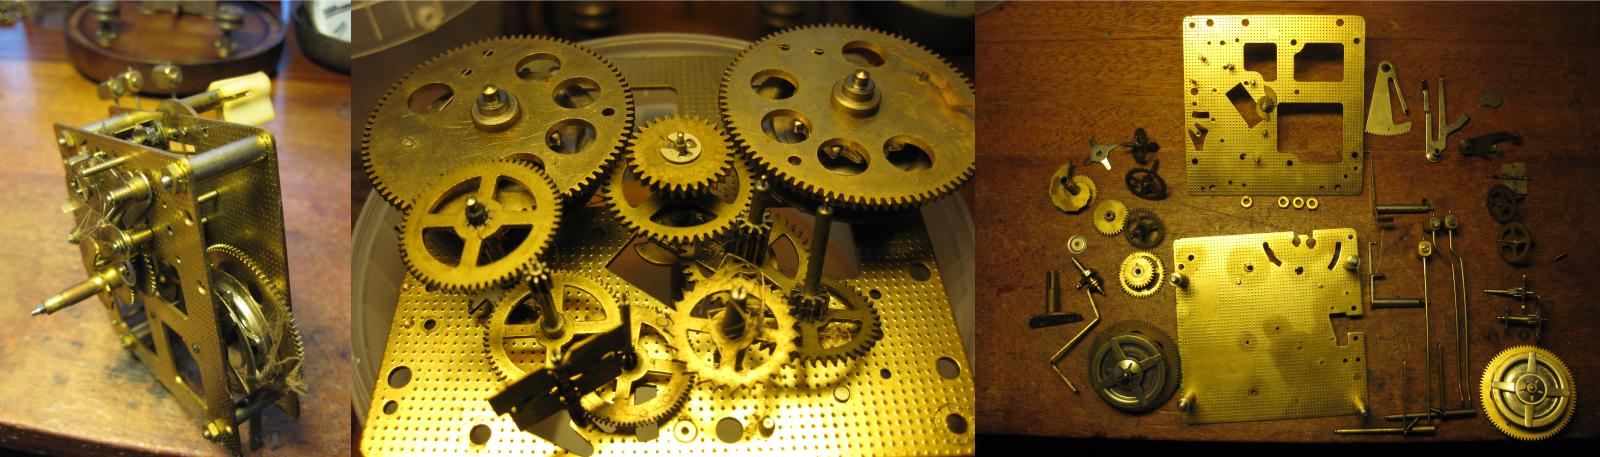 Klok-repareren-restauratie-klok-bij-Wolters-Juweliers-Coevorden-Emmen